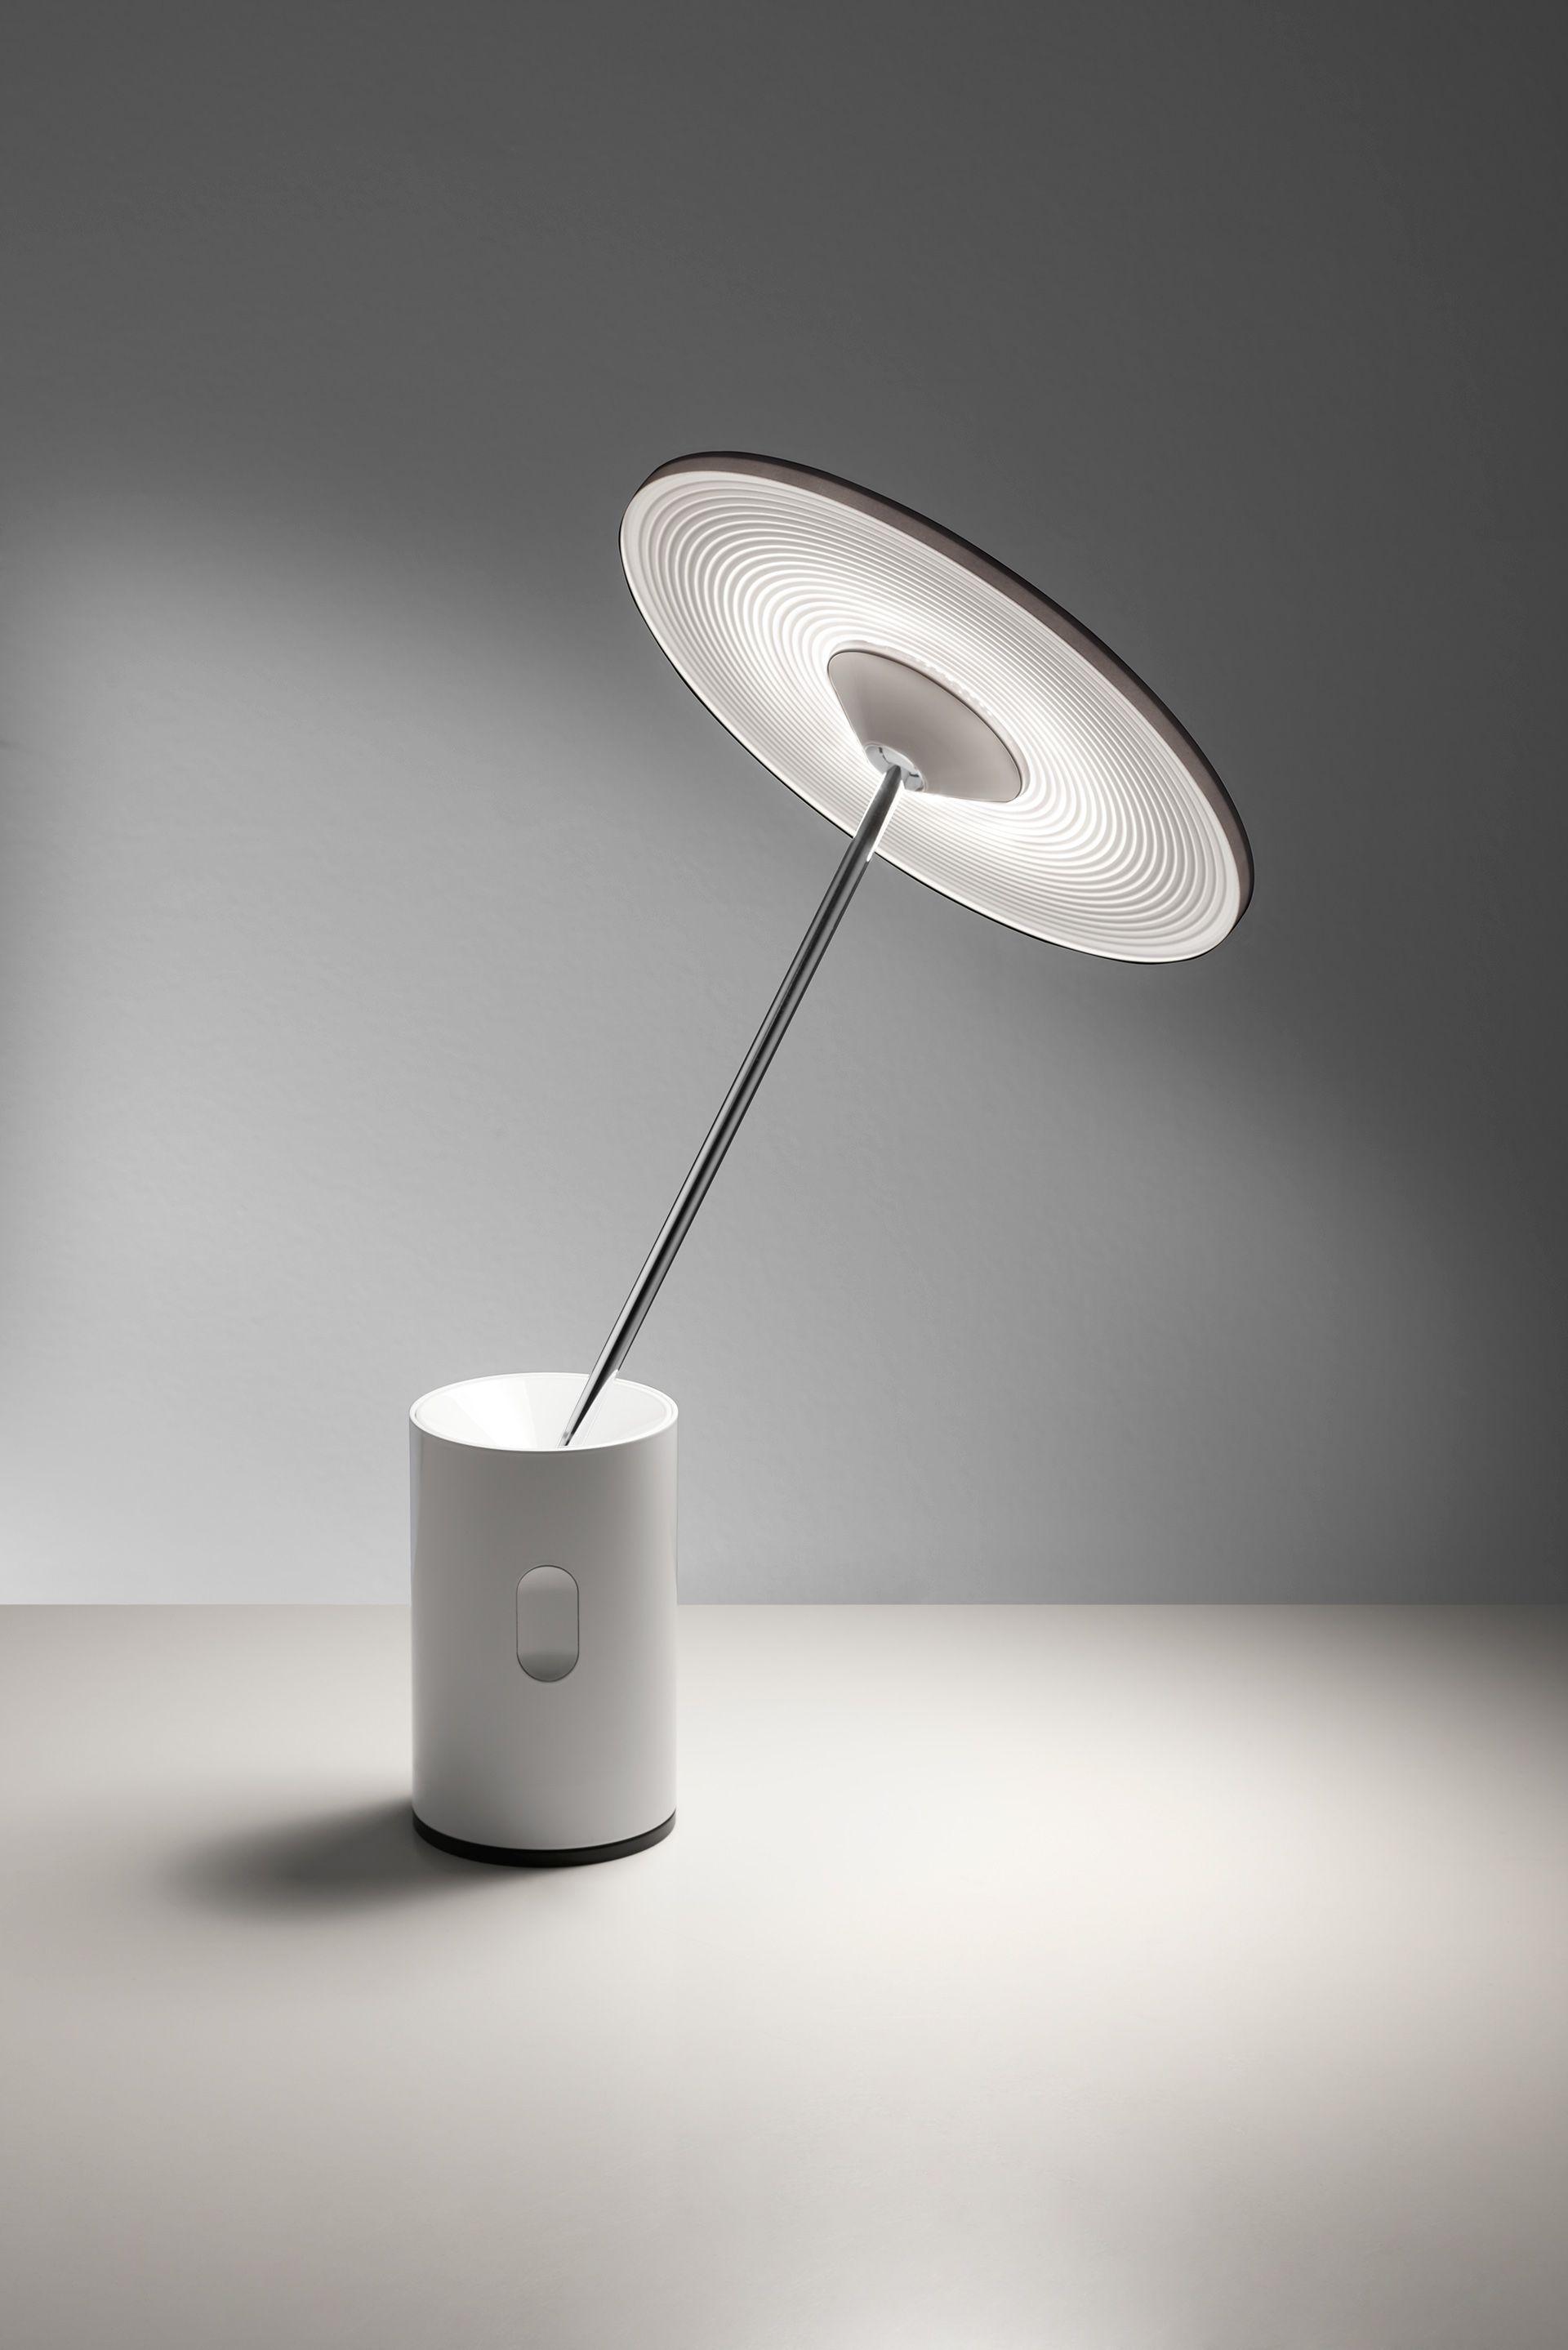 Sisifo Luce Light Led Design Lighting Home